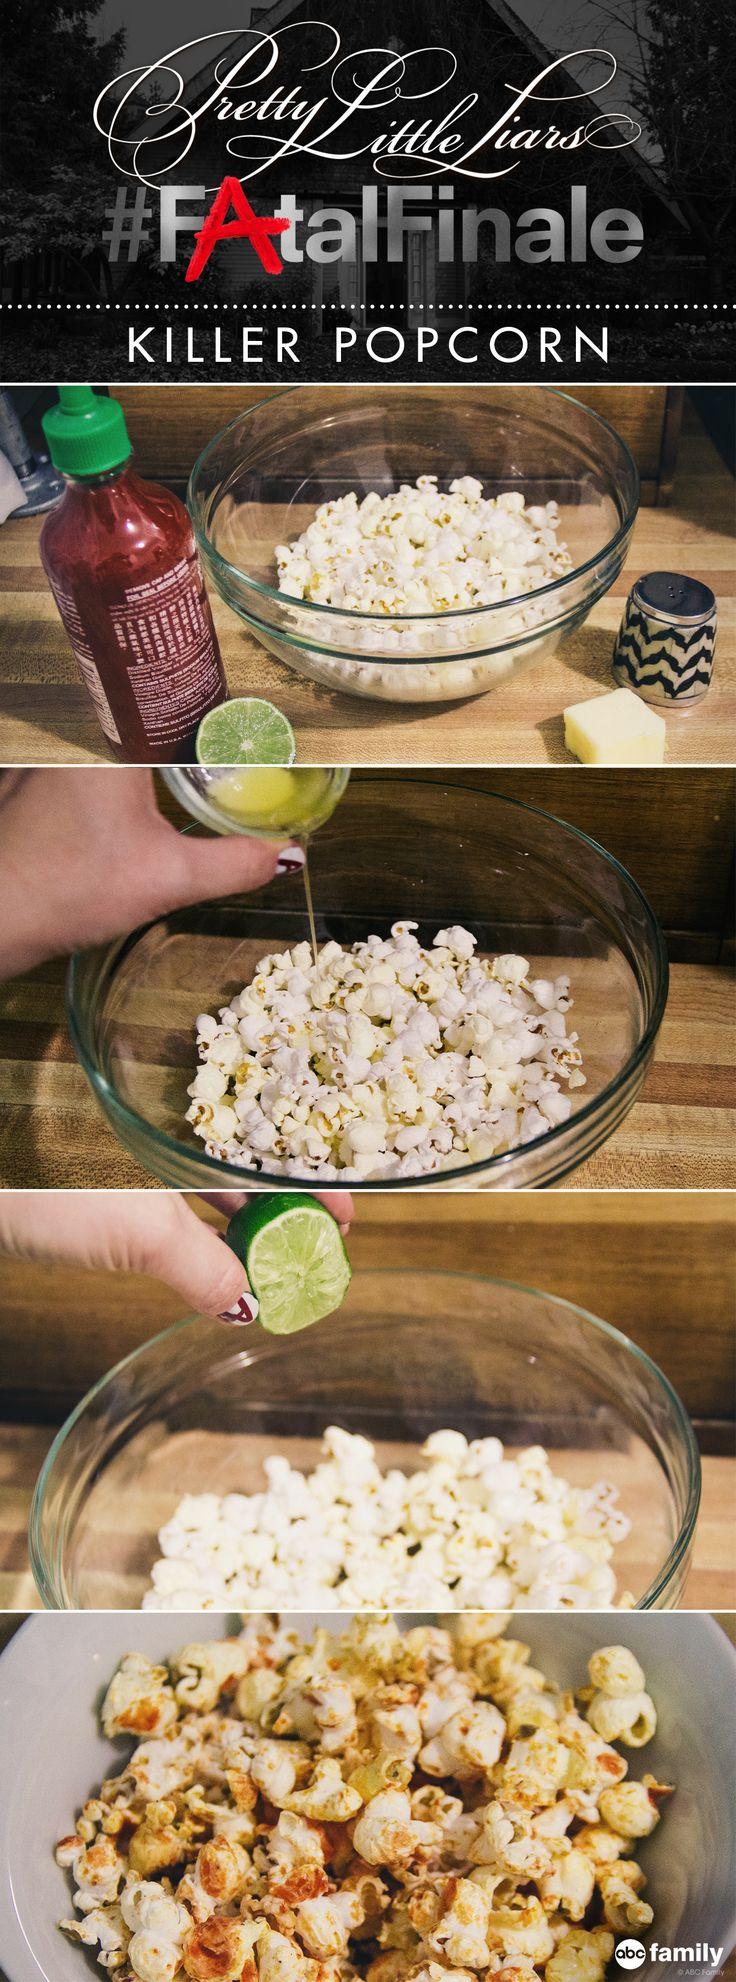 Movie popcorn nausea